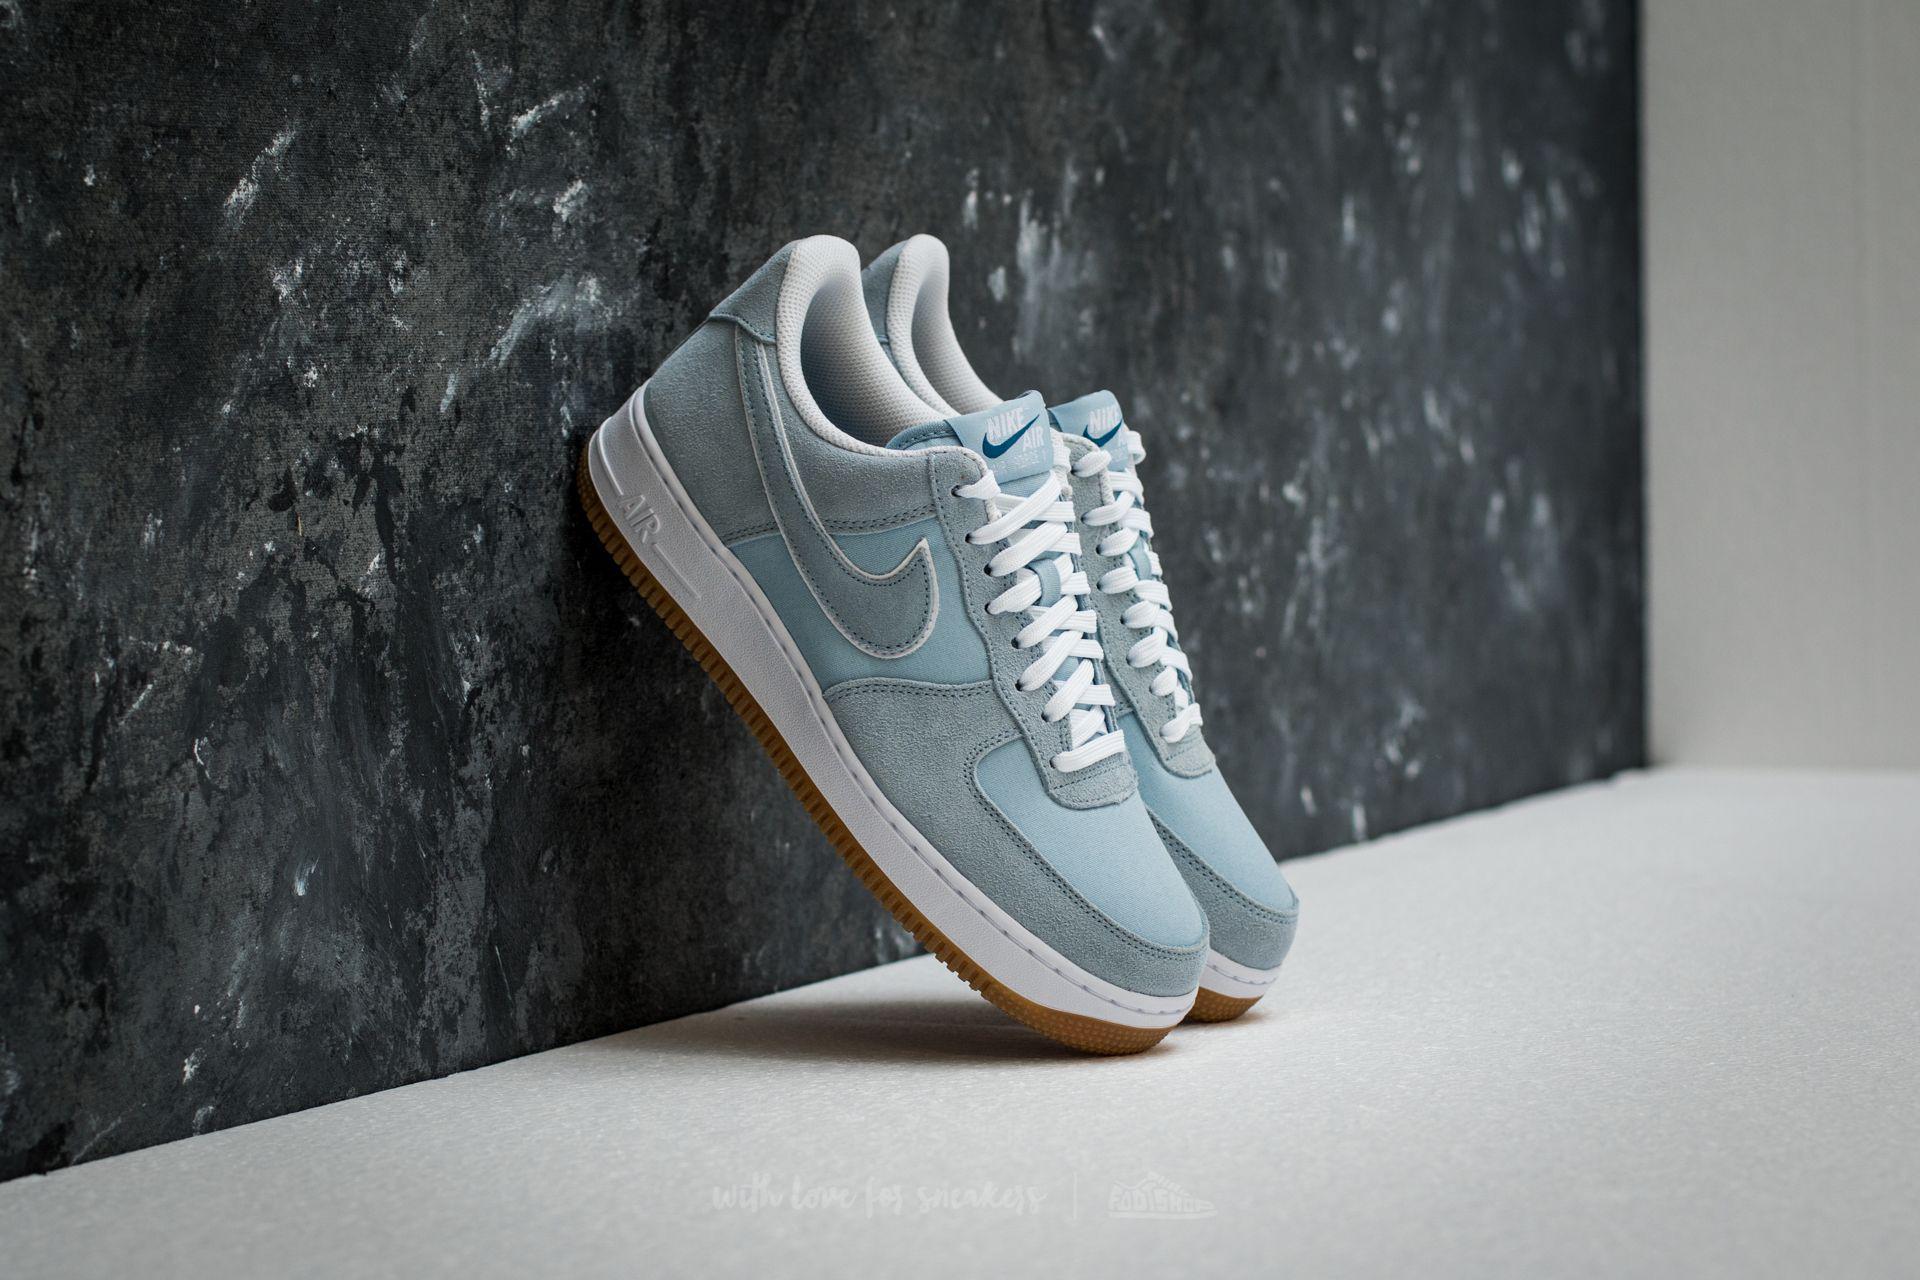 hot sale online aee9a 52fa9 Nike Air Force 1 ́07 Light Armory Blue  Blue  Light Armory Blue in ...